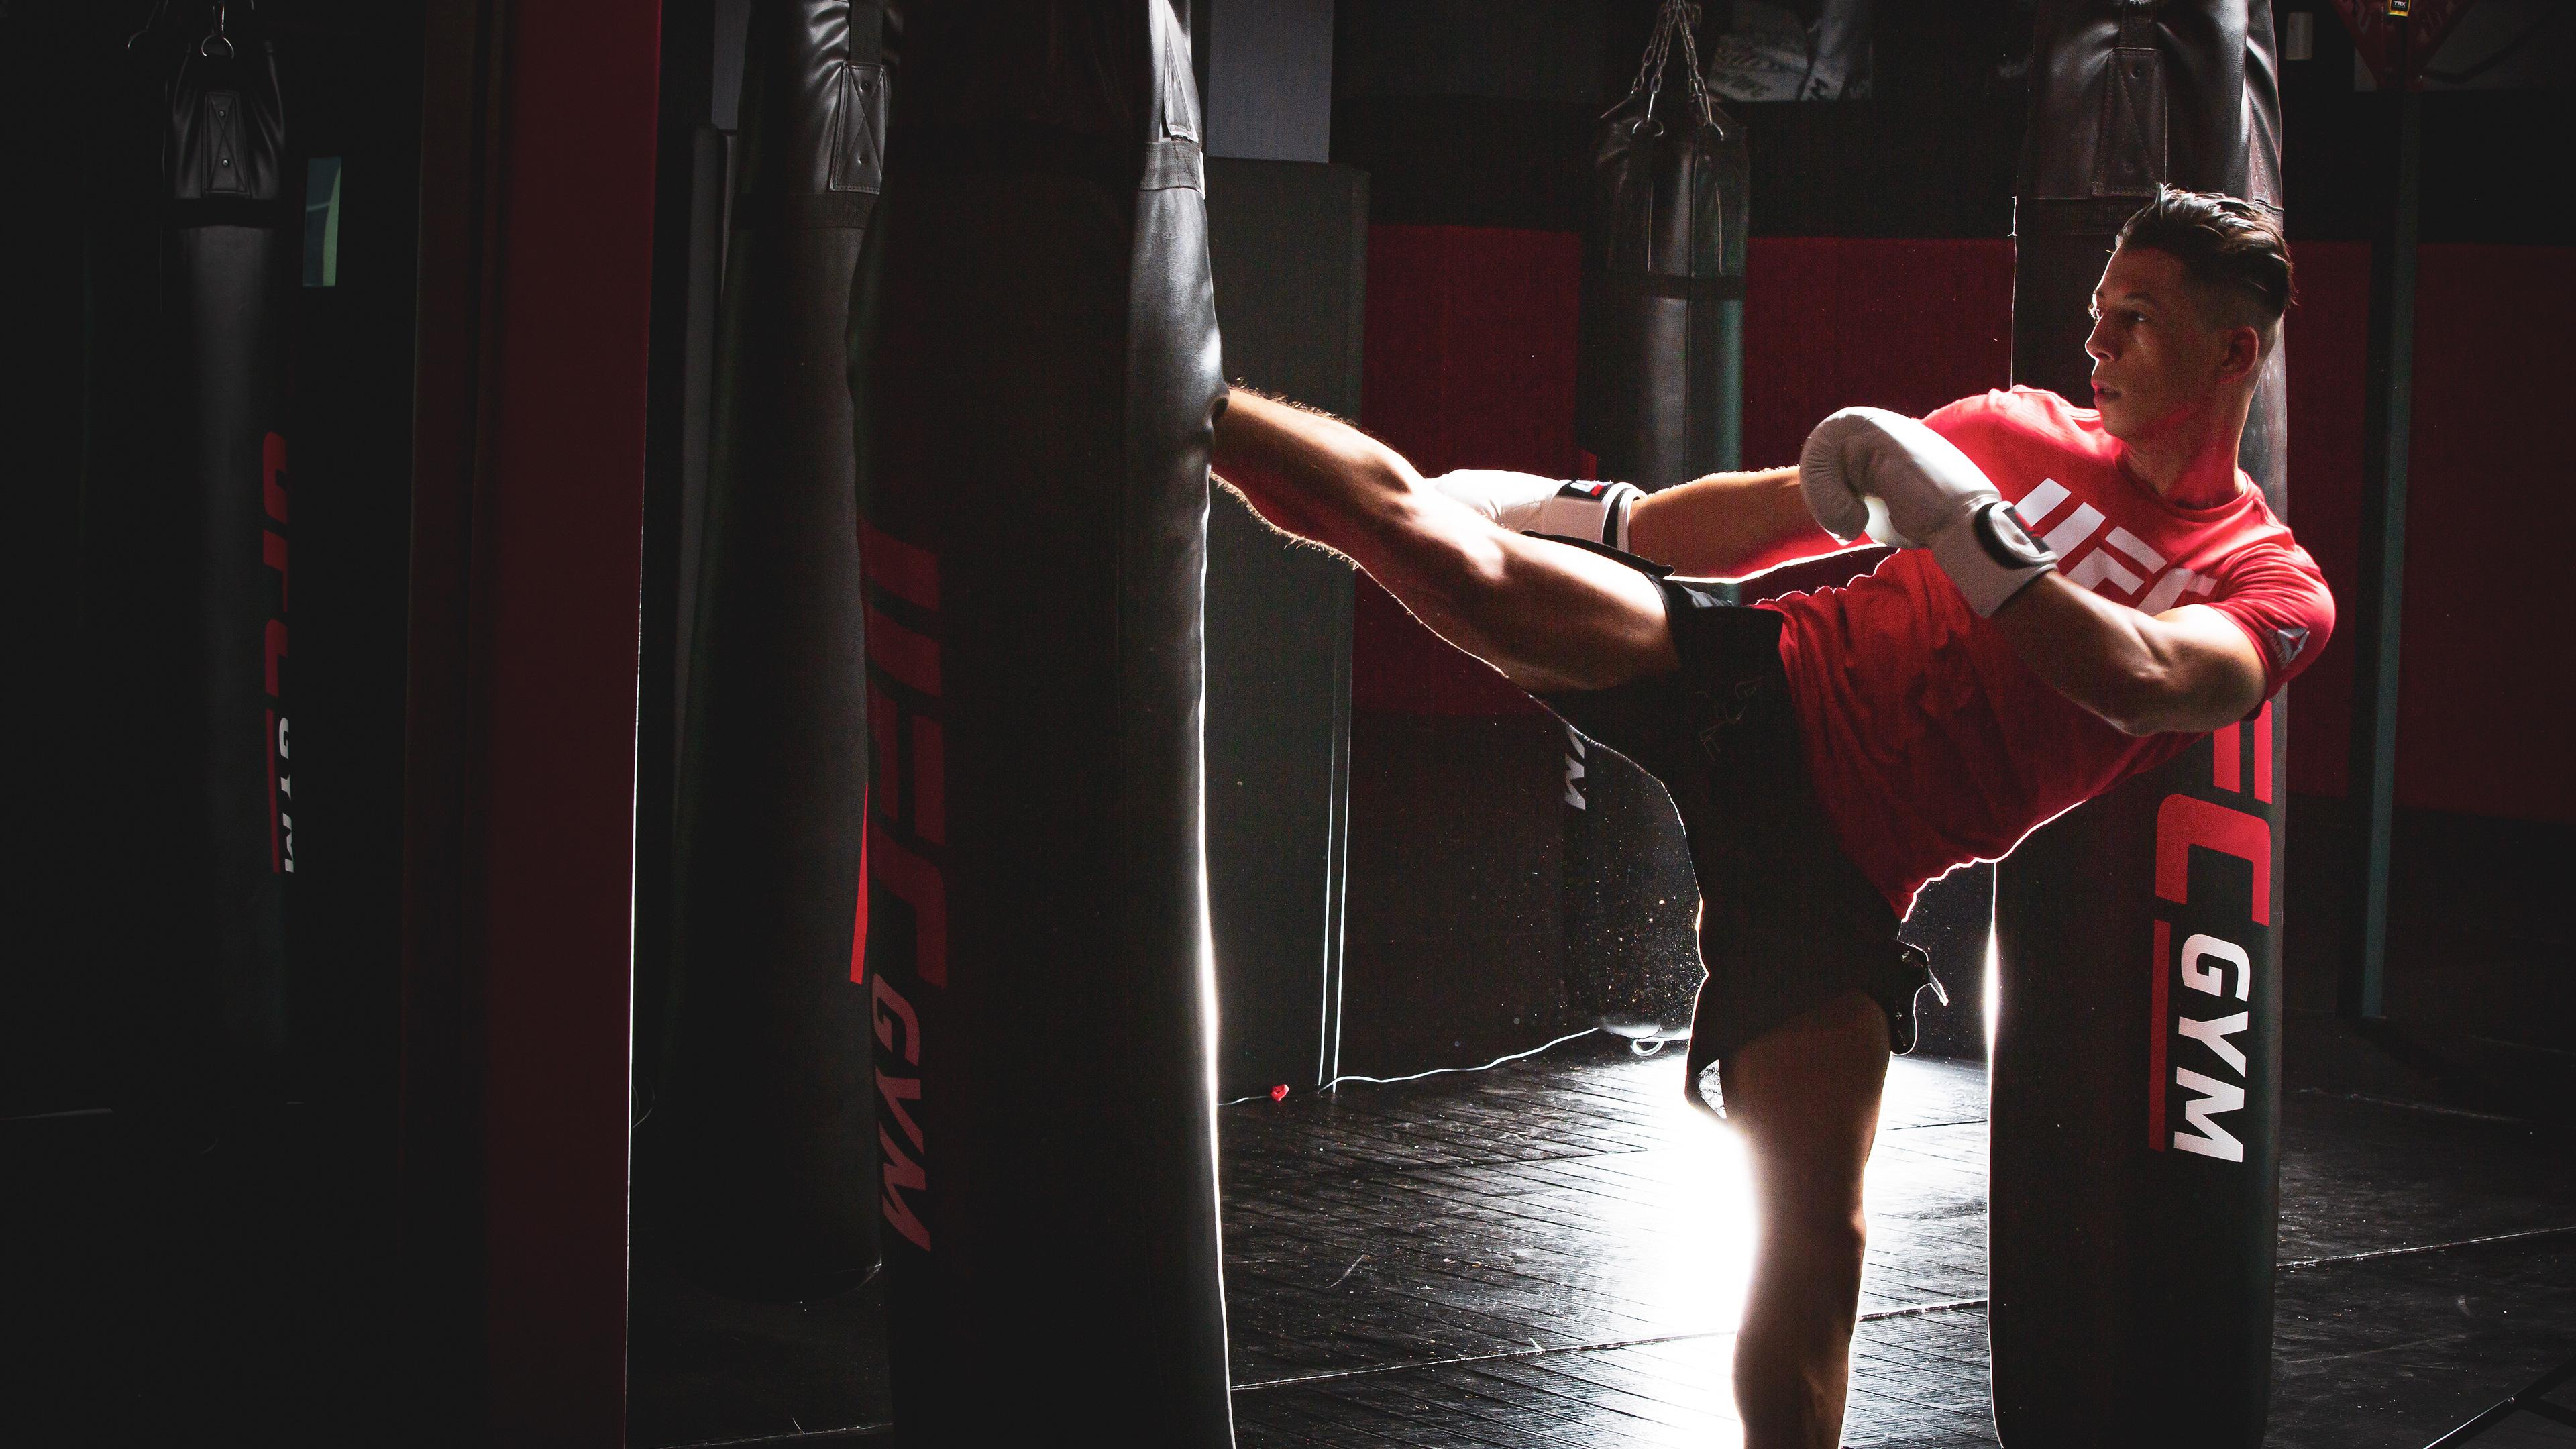 Amin kicking sandbag in kickboxing class